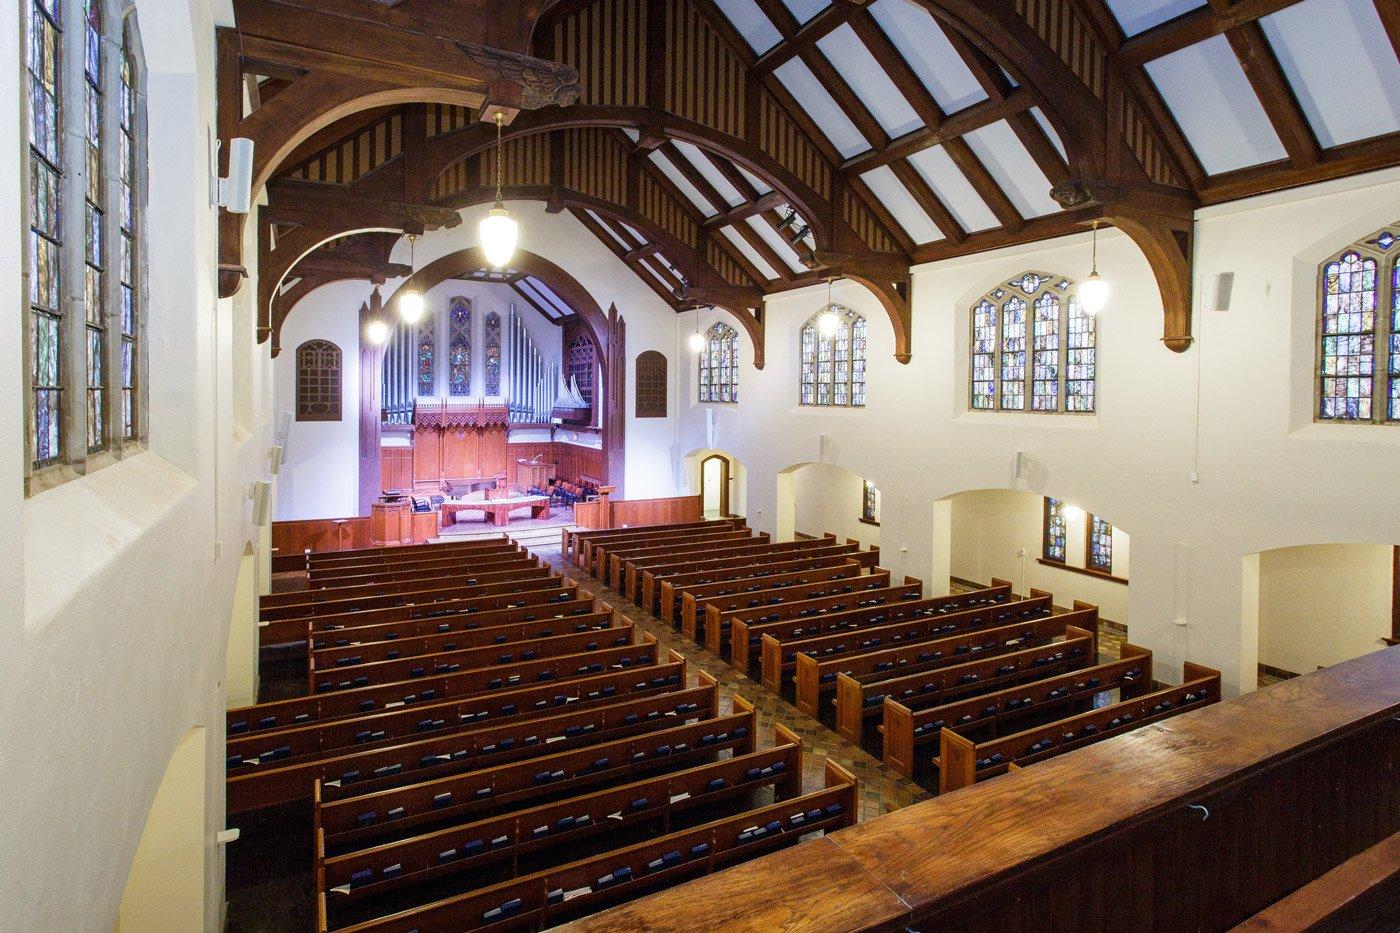 https://eastharding.com/wp-content/uploads/2016/03/Munger-Wilson-Chapel-3.jpg